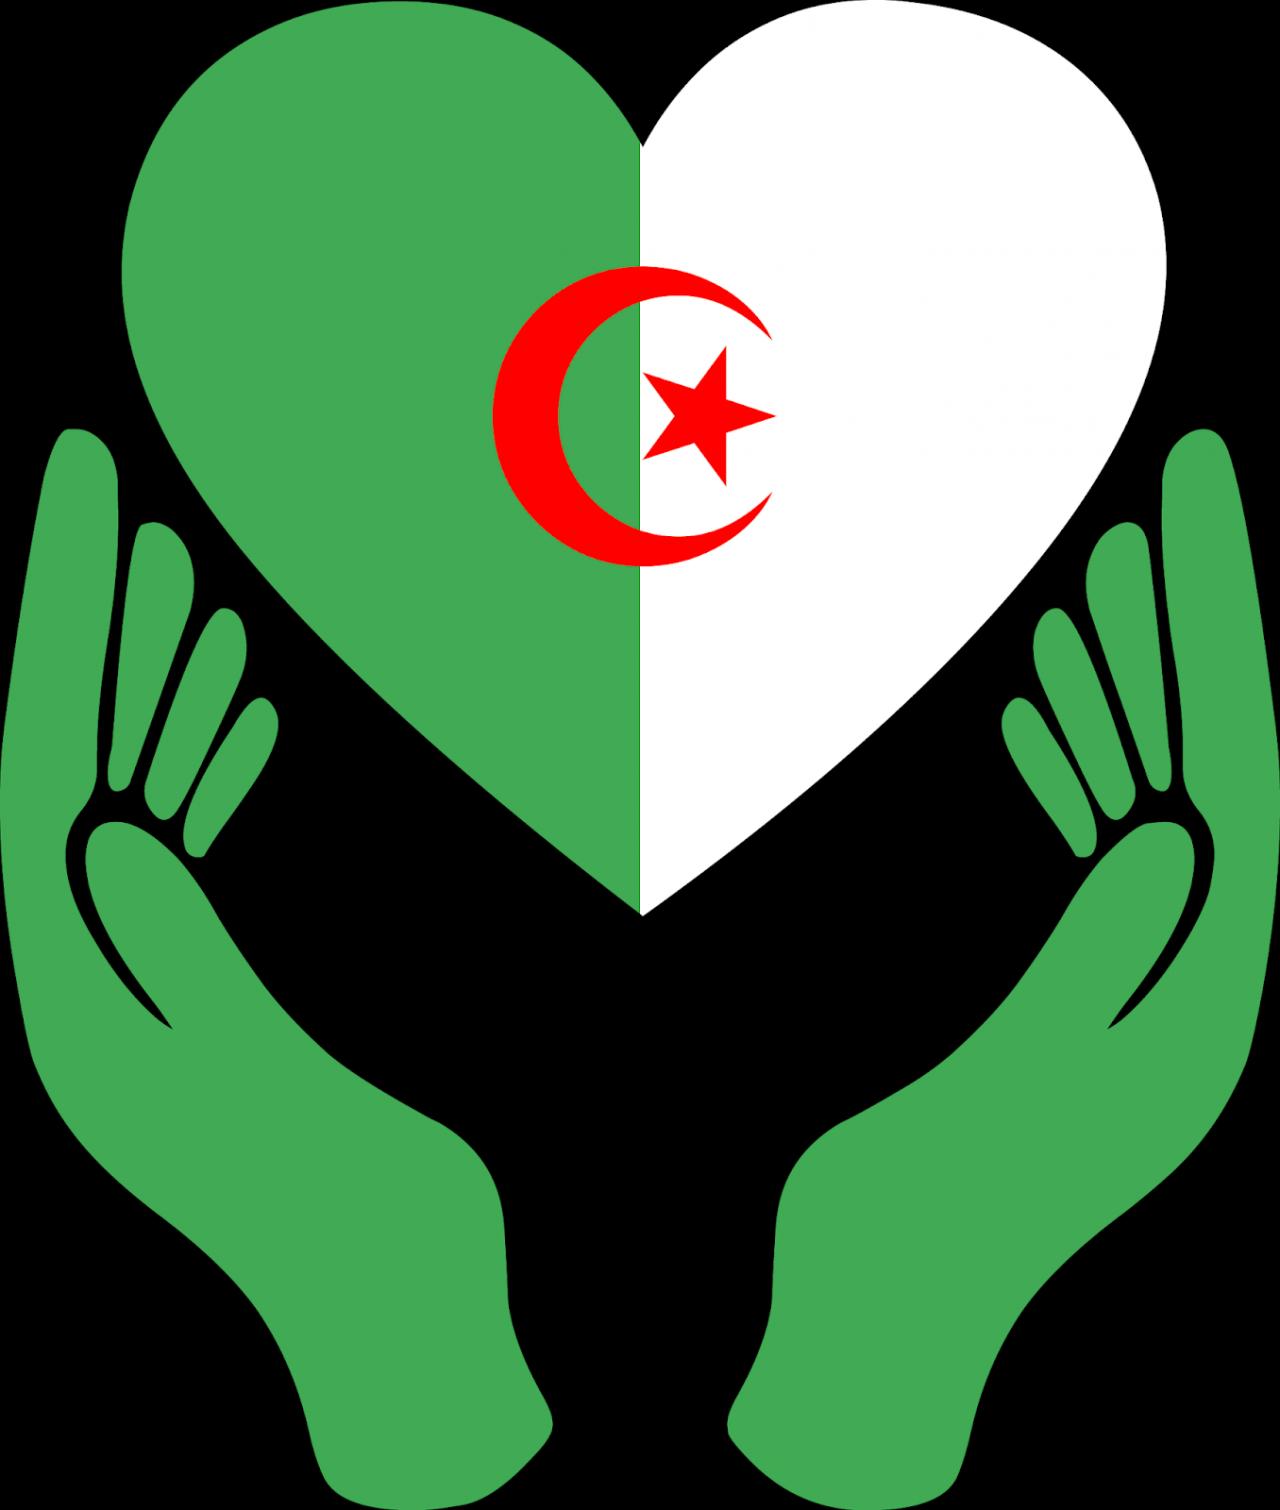 بالصور صور للعلم الجزائري , وصف وشرح العلم الجزائرى 1343